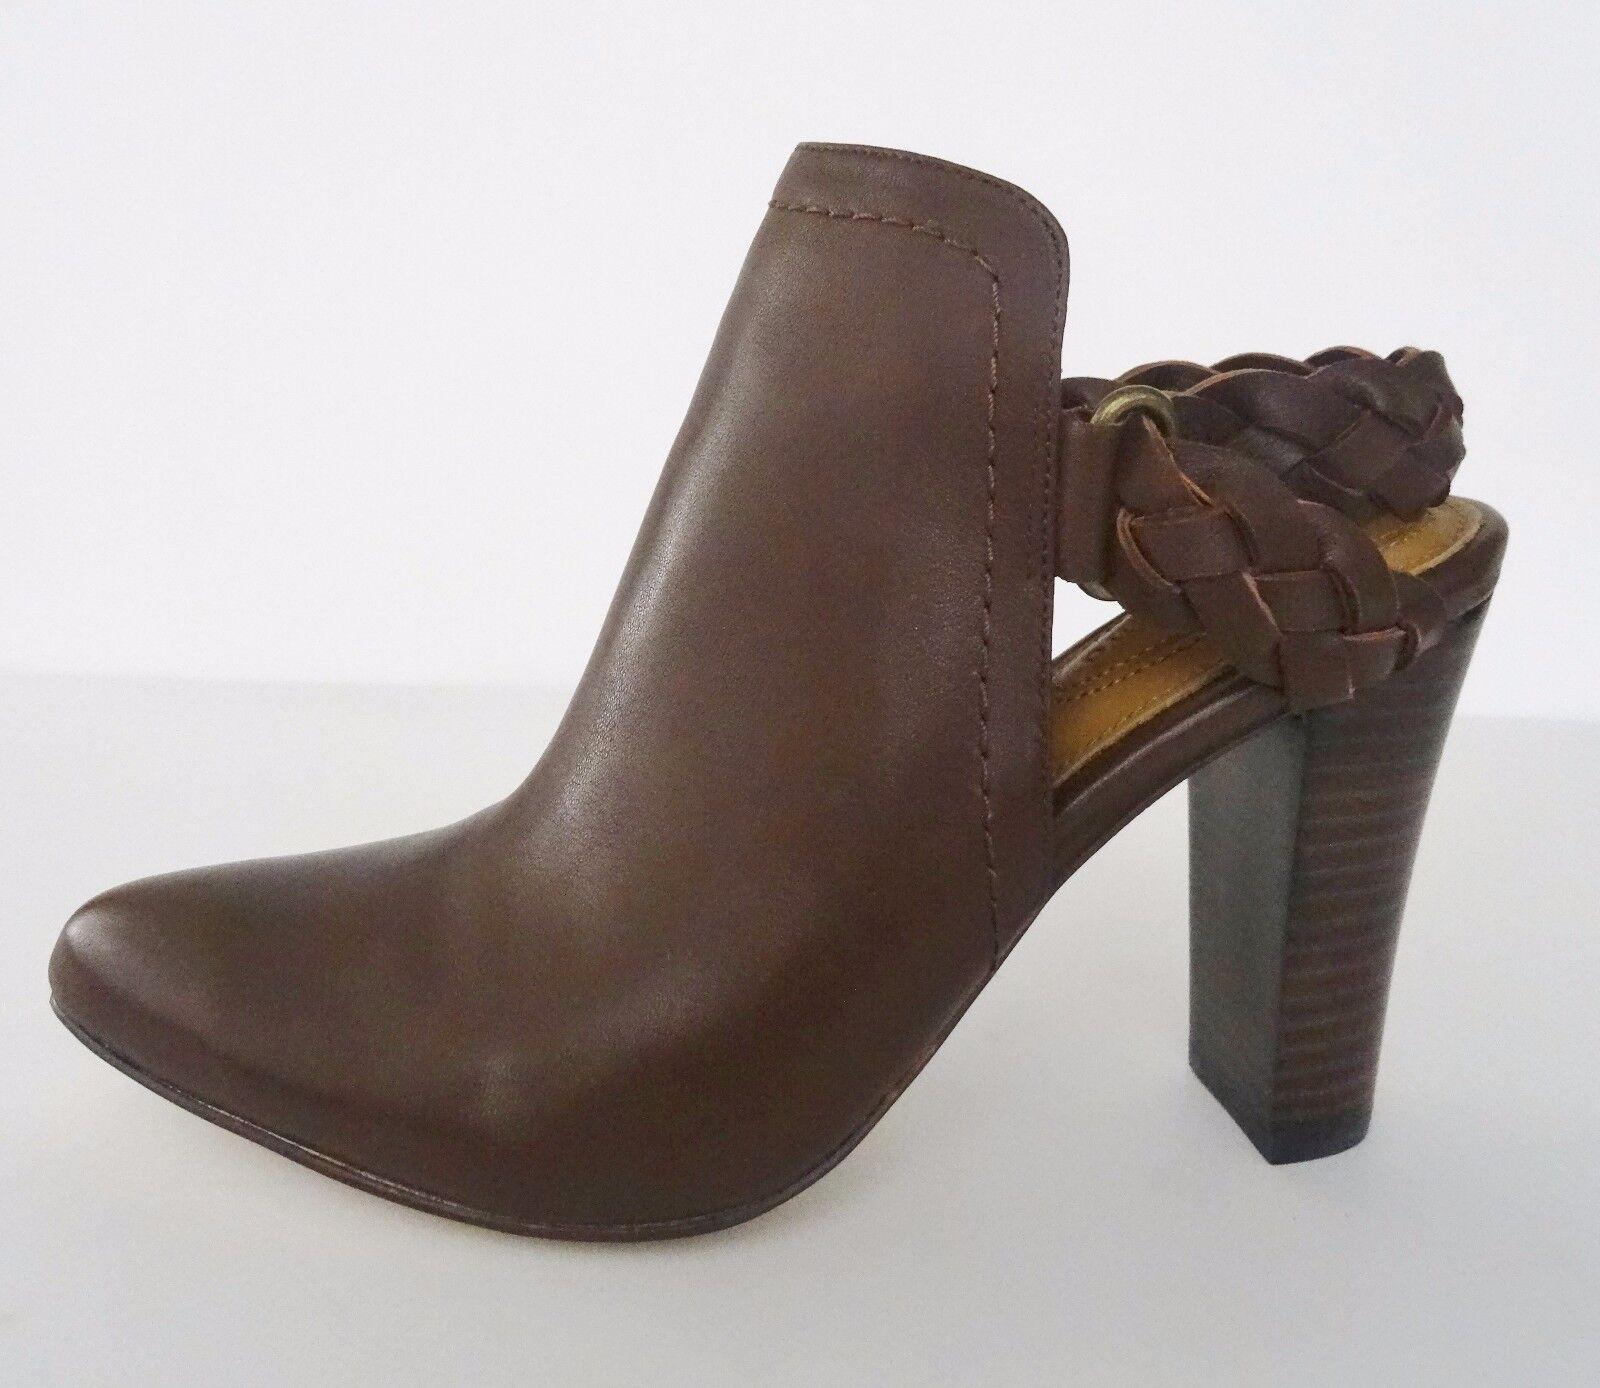 NIB Corso Como Williamsburg Braided Strap Bootie Heel  8.5 M Chestnut Braun 178